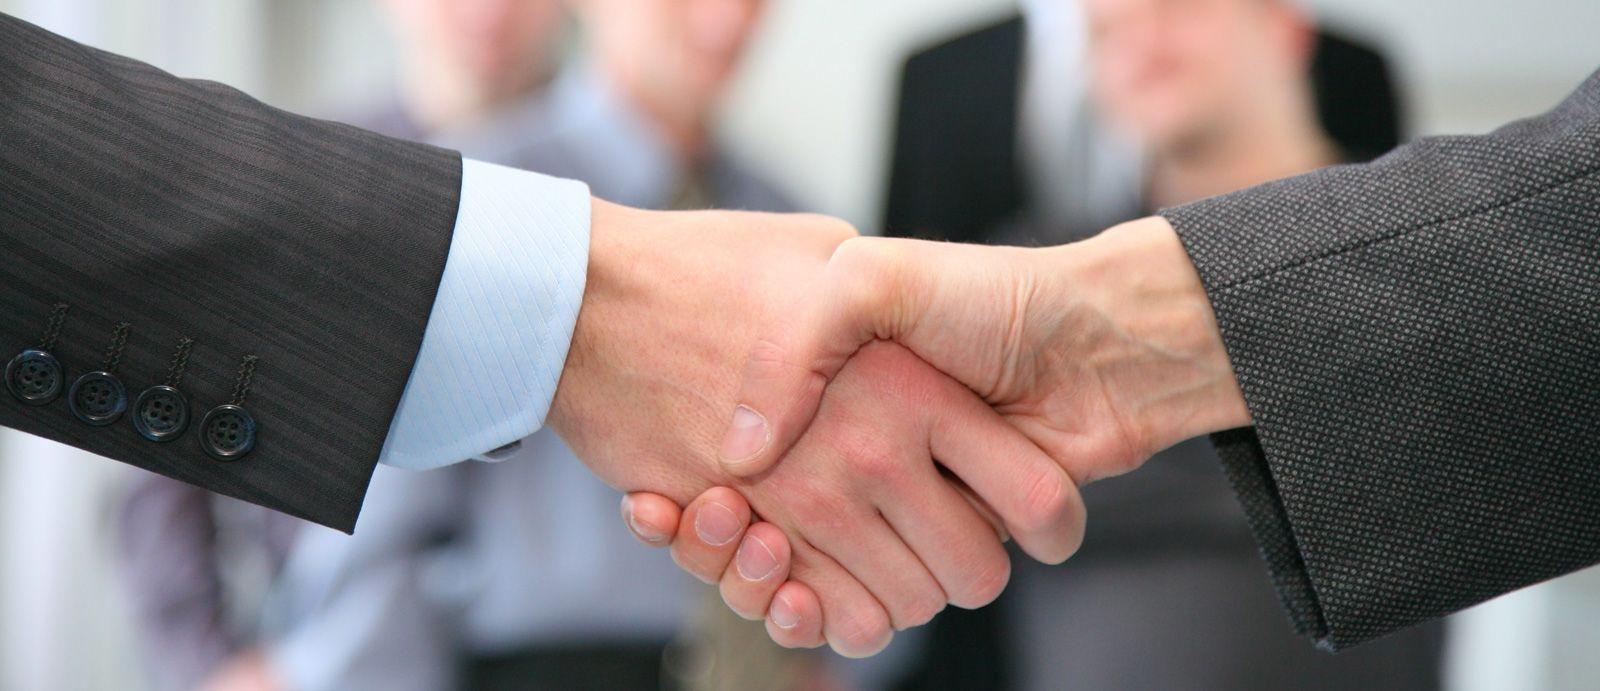 Как правильно сделать доп соглашение на пролонгацию договора